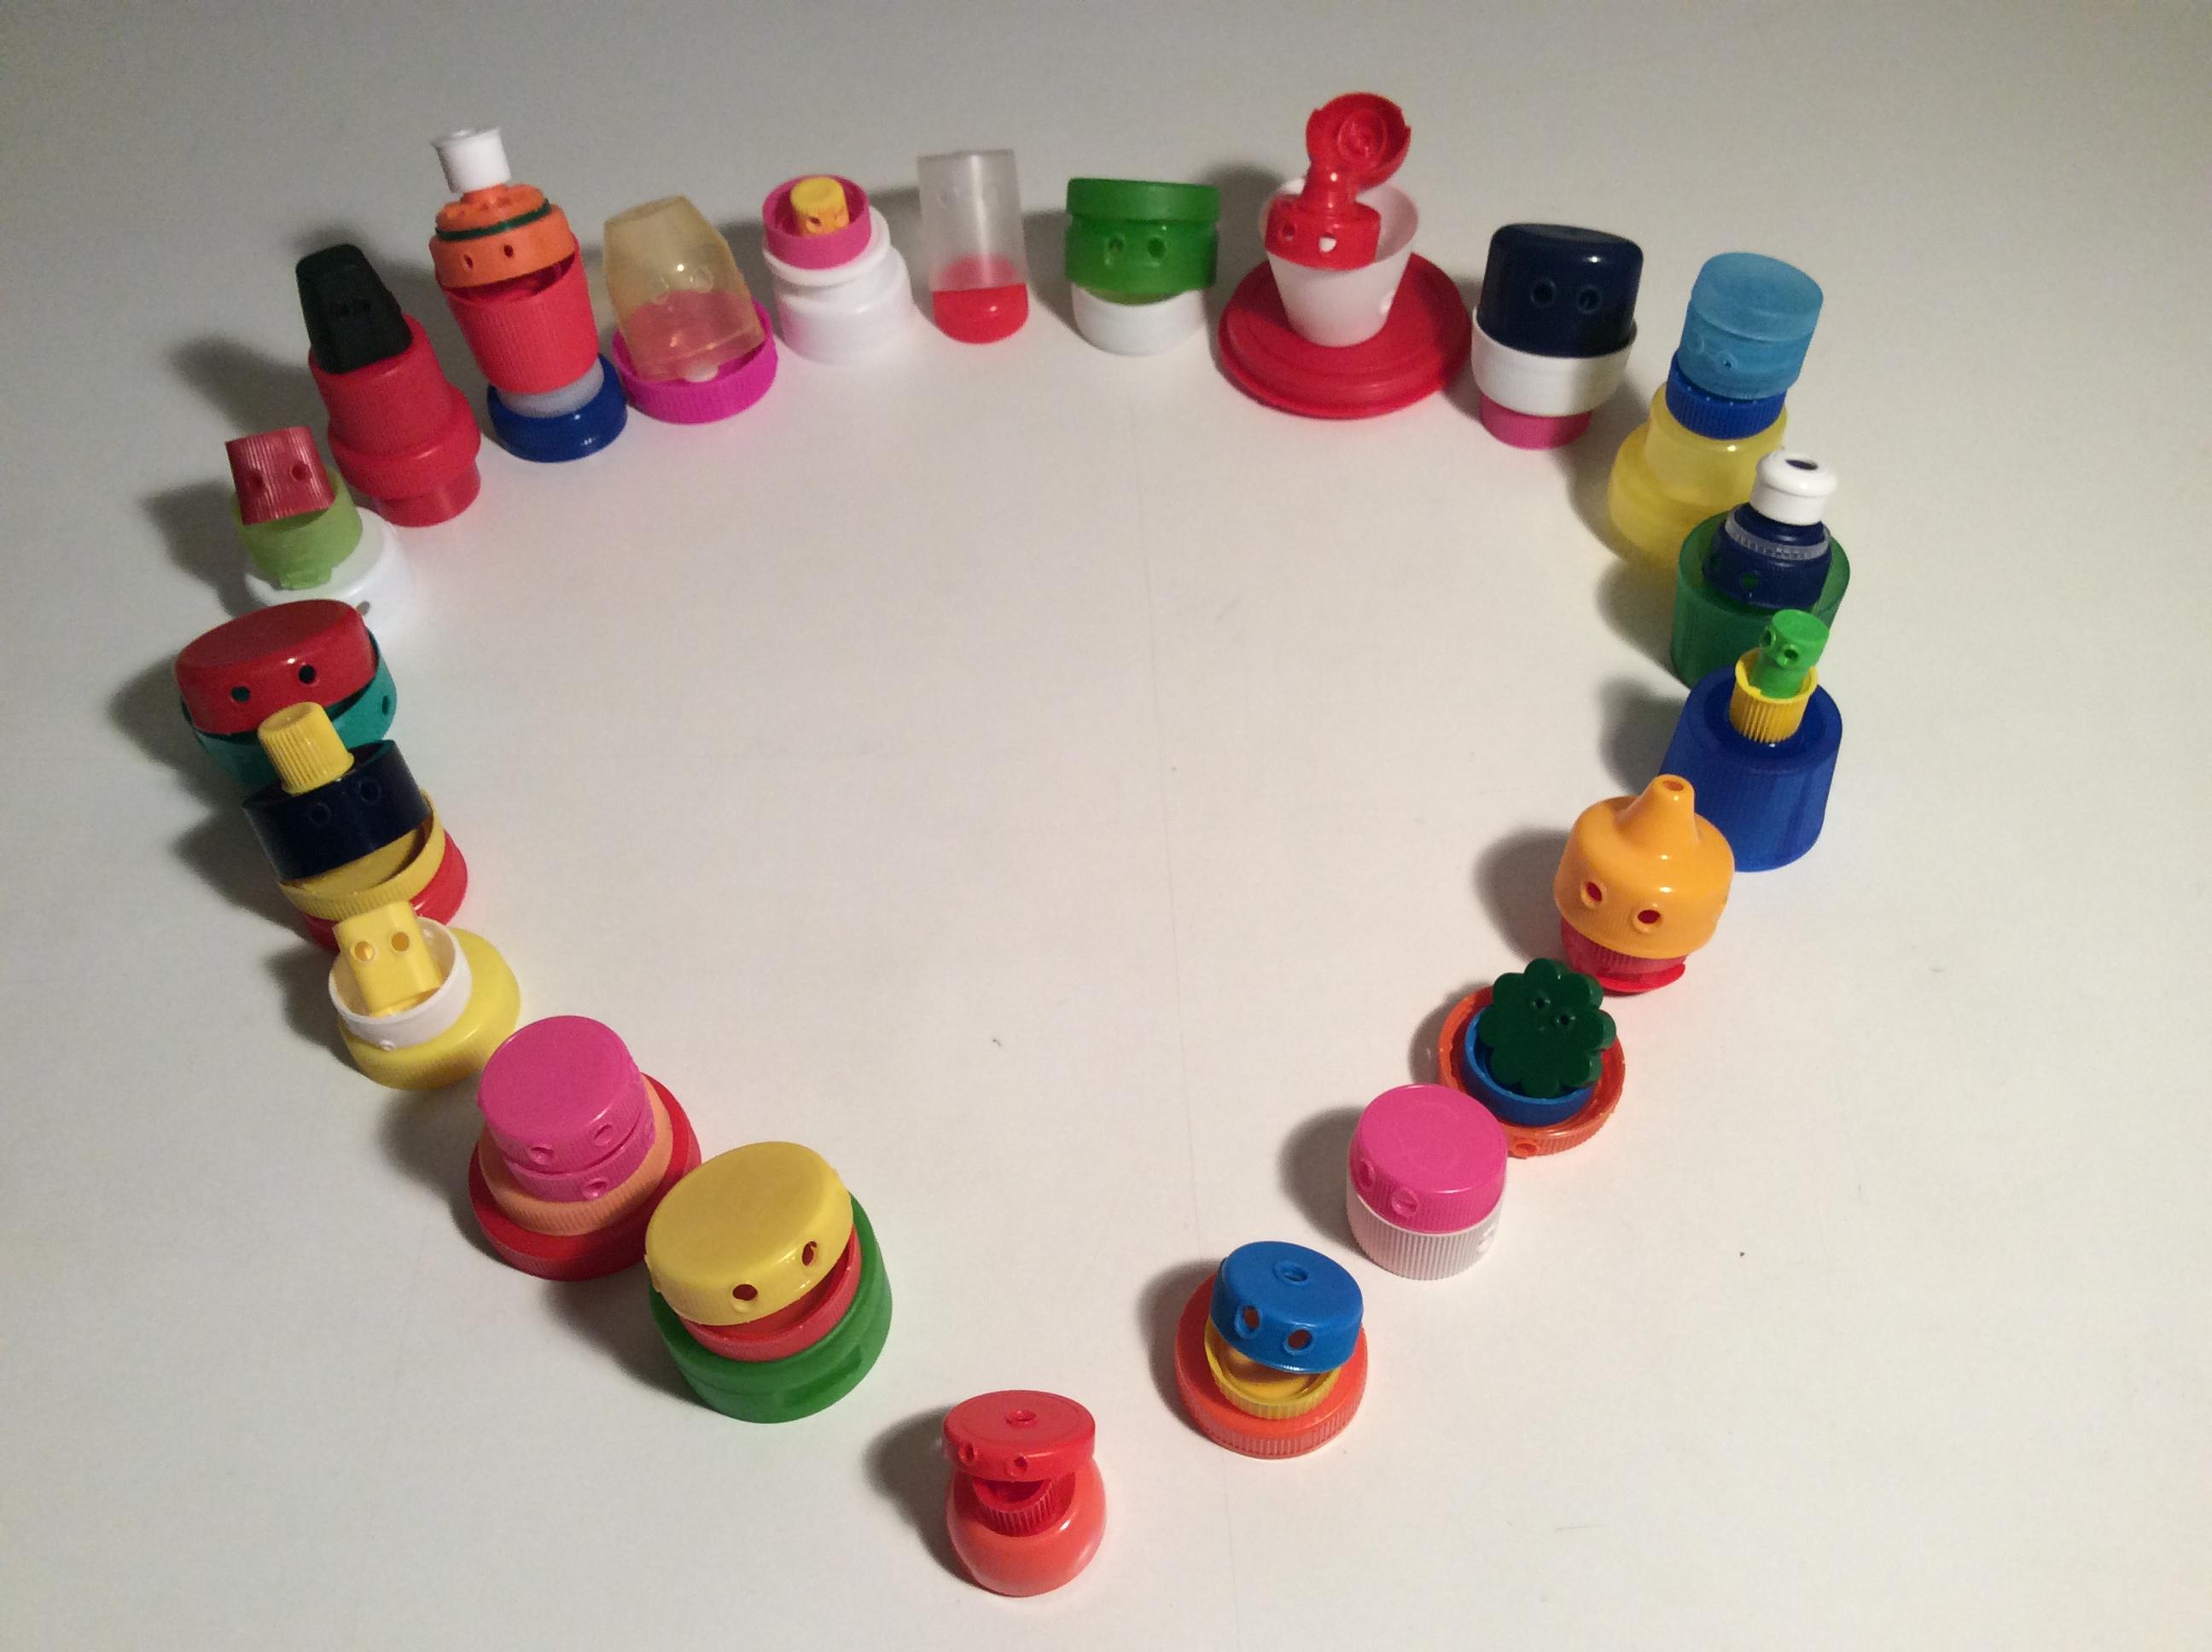 Matériel pour les jeux coopératifs réalisé à partir d'objets recyclés : Bouchons